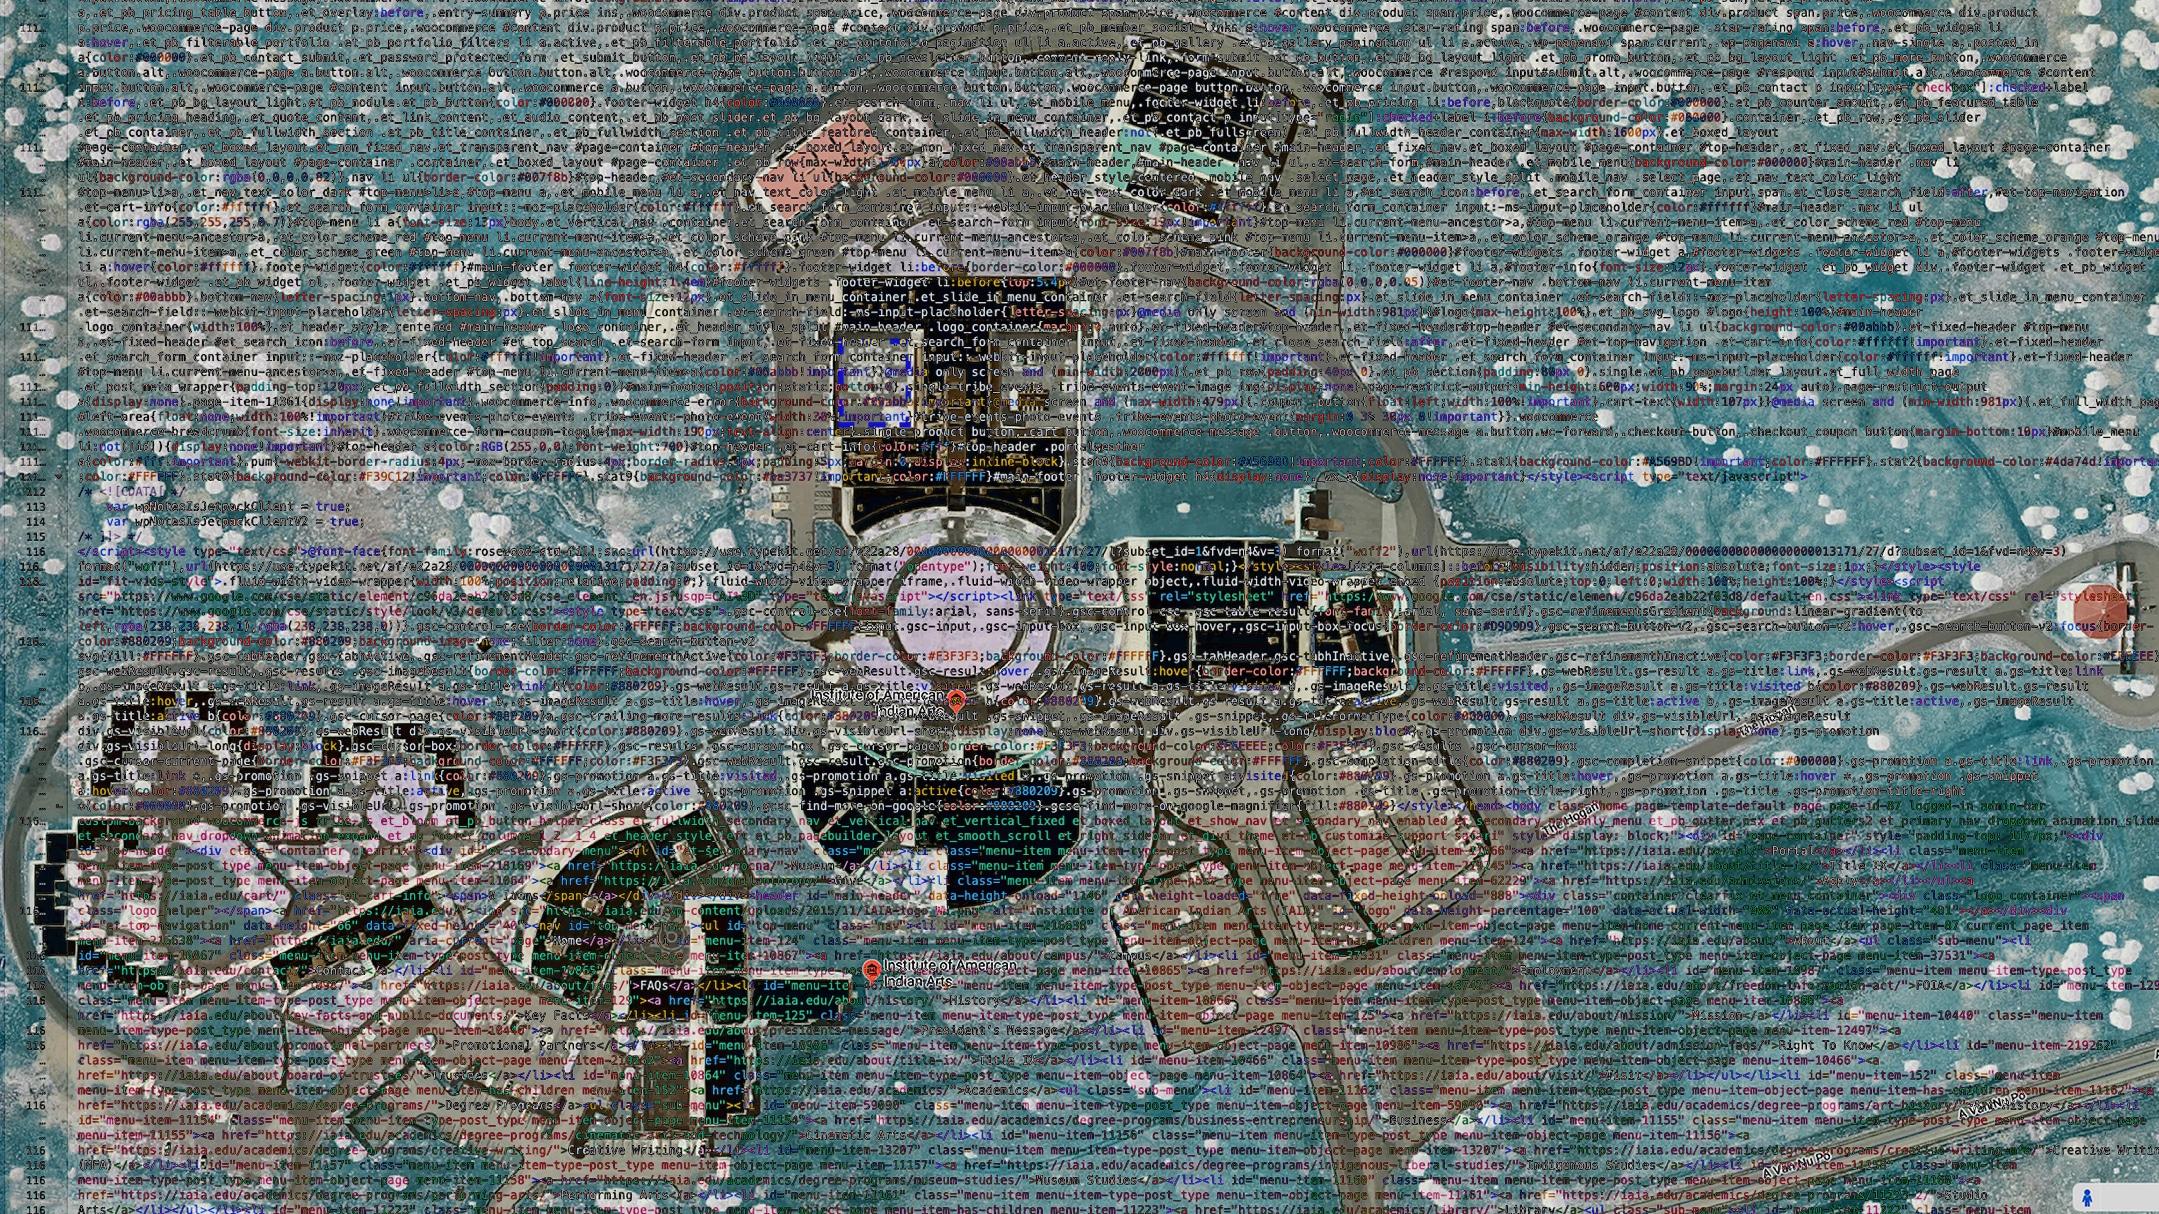 IAIA's Digital Landscape